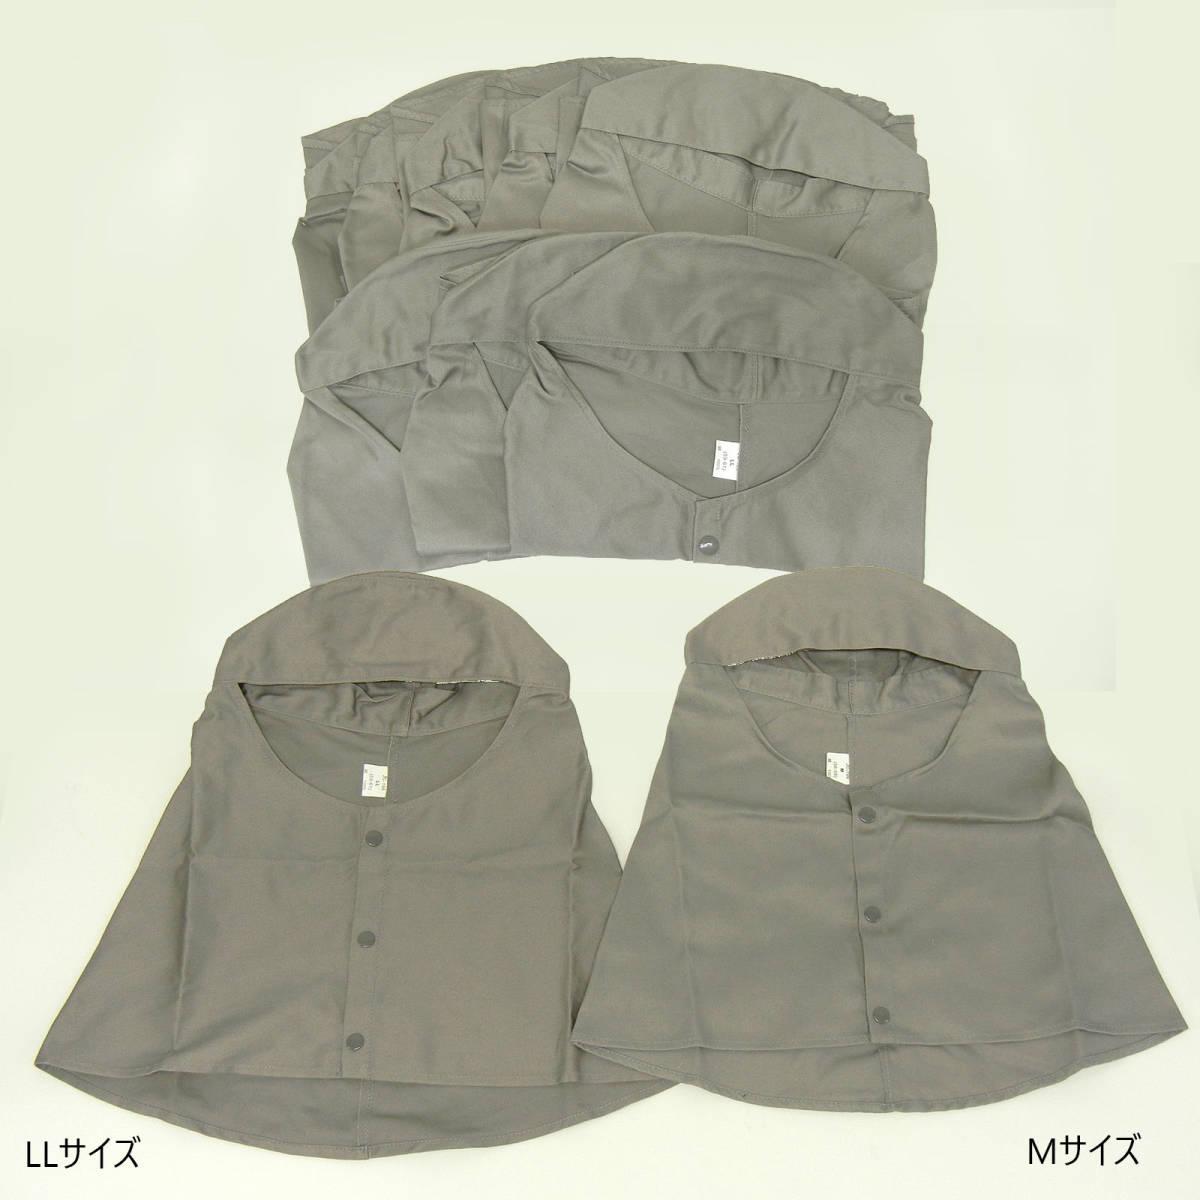 ☆【ガーデニング】アウトドア 目出し帽 M・LLサイズまとめて 10着セット☆